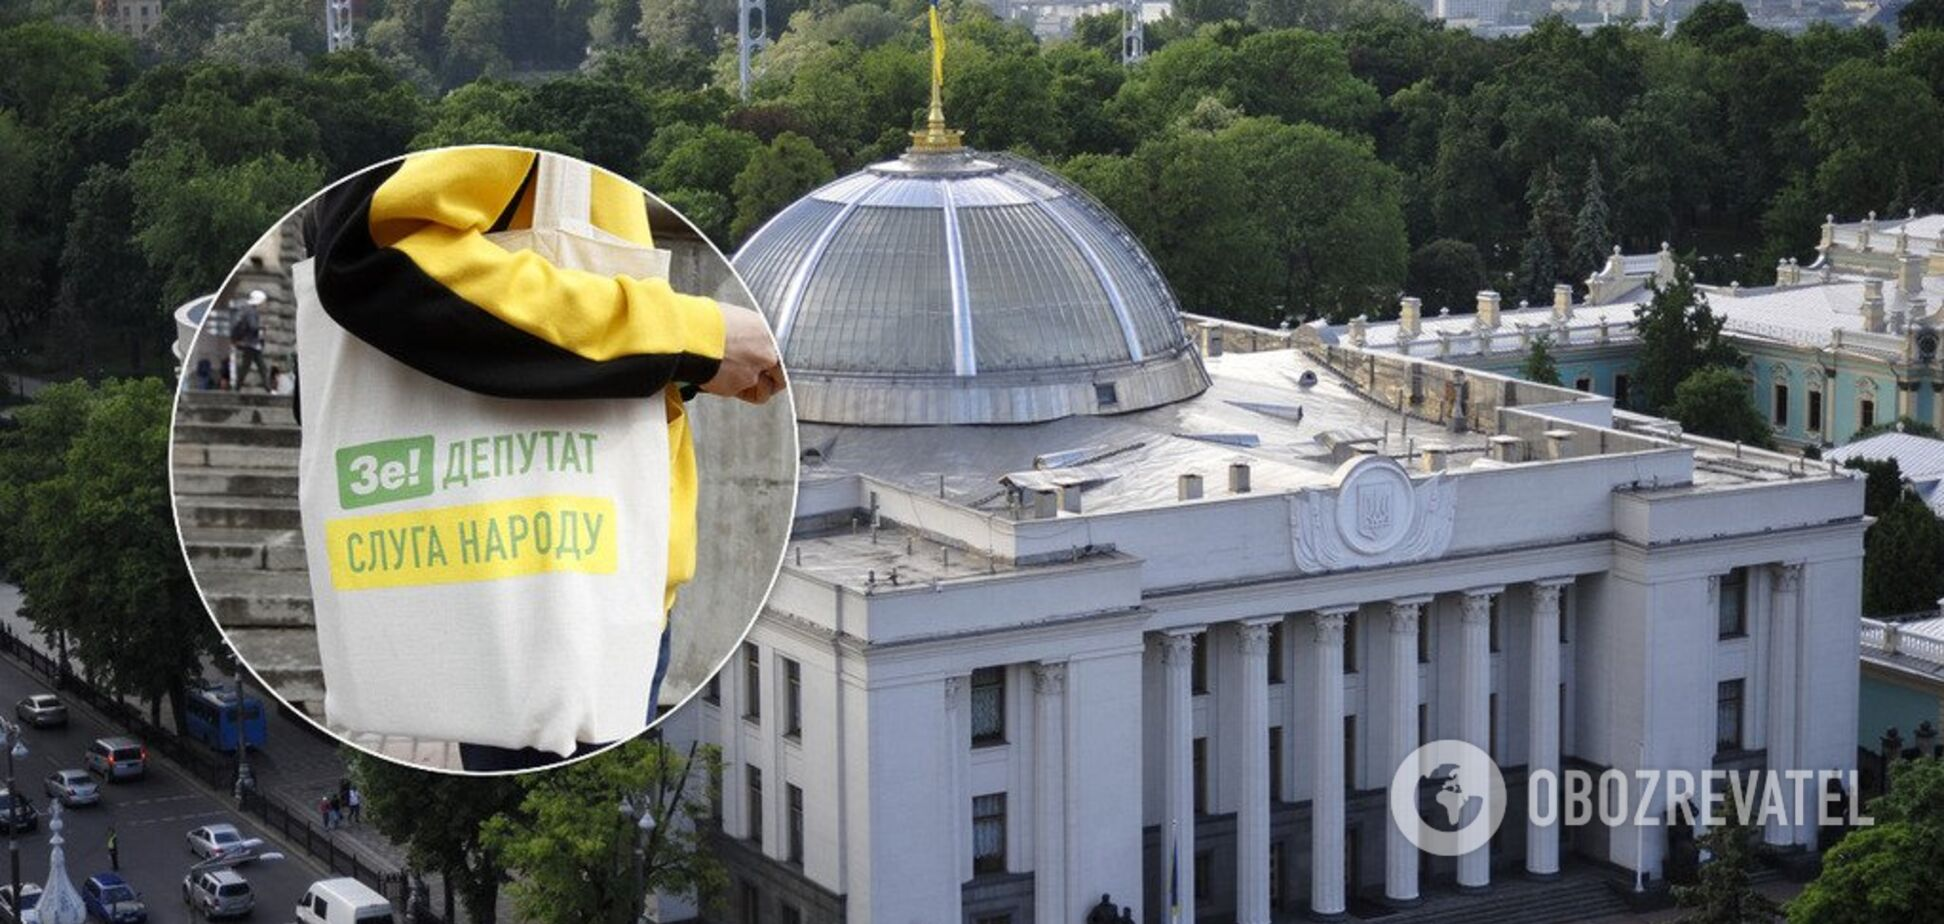 Нардепи без освіти, Раду відкриє ексрегіонал: цікаві факти про новий парламент